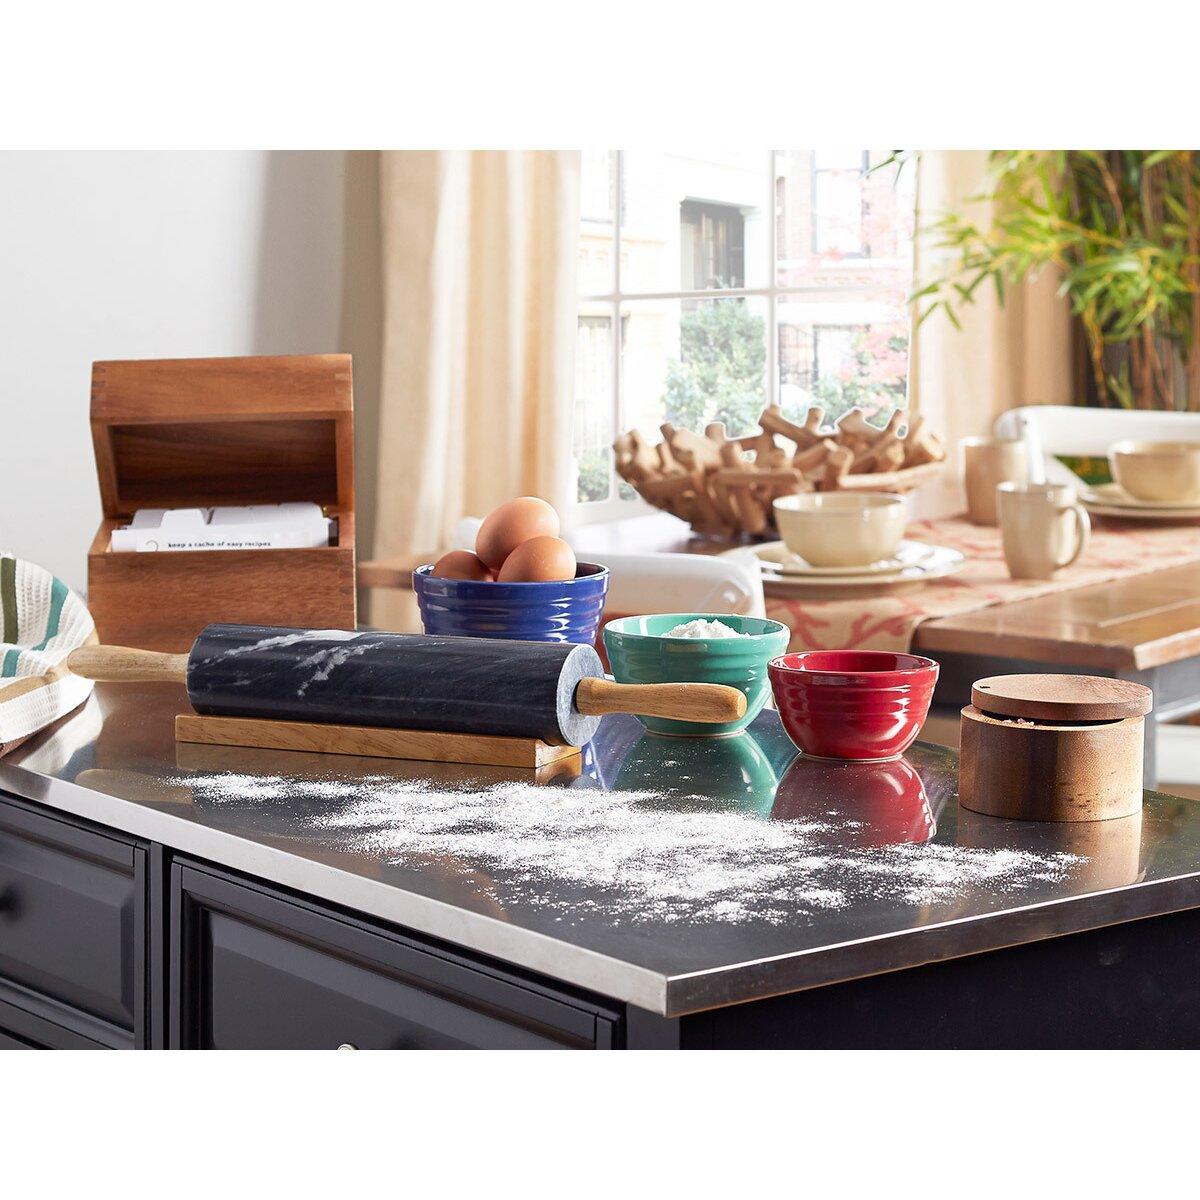 Laporte Driftwood Centerpiece Decorative Bowl - Loon Peak Laporte Driftwood Centerpiece Decorative Bowl & Reviews